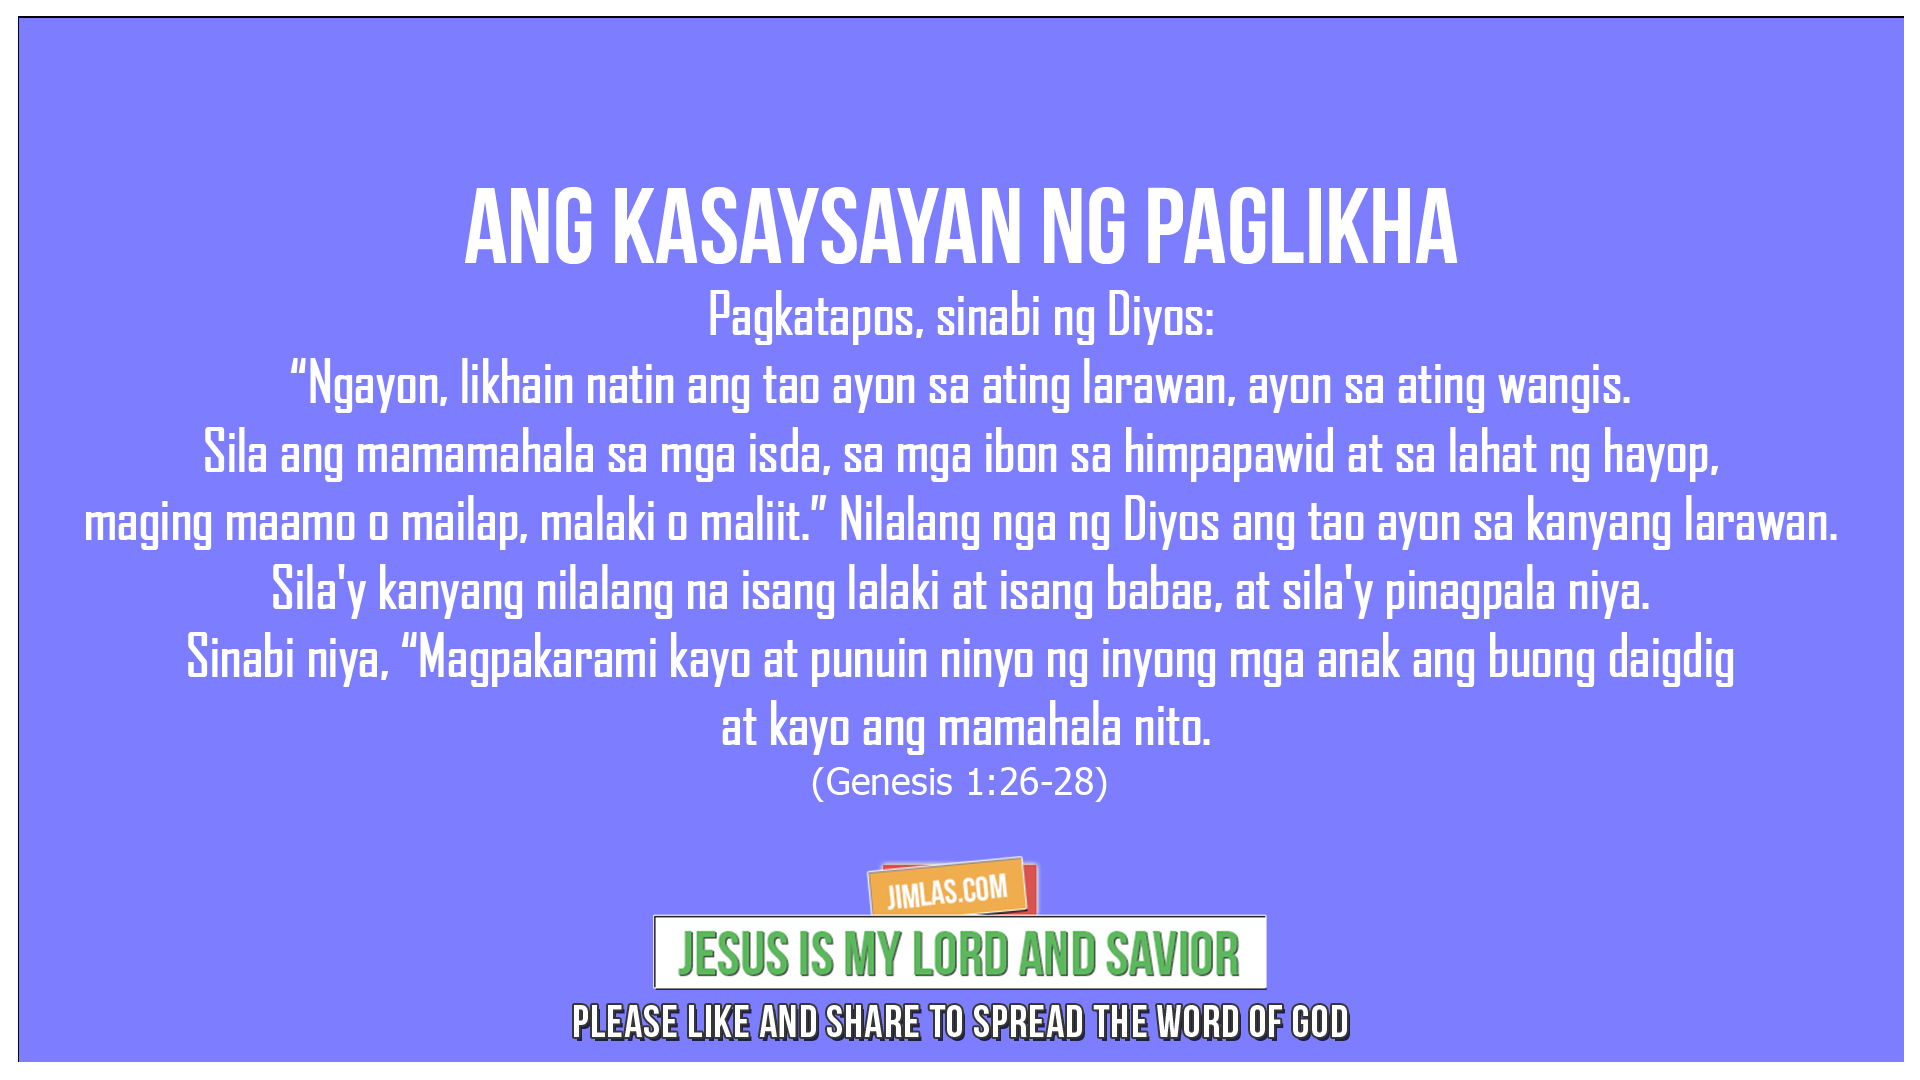 Genesis 1:26-28, Genesis 1:26-28